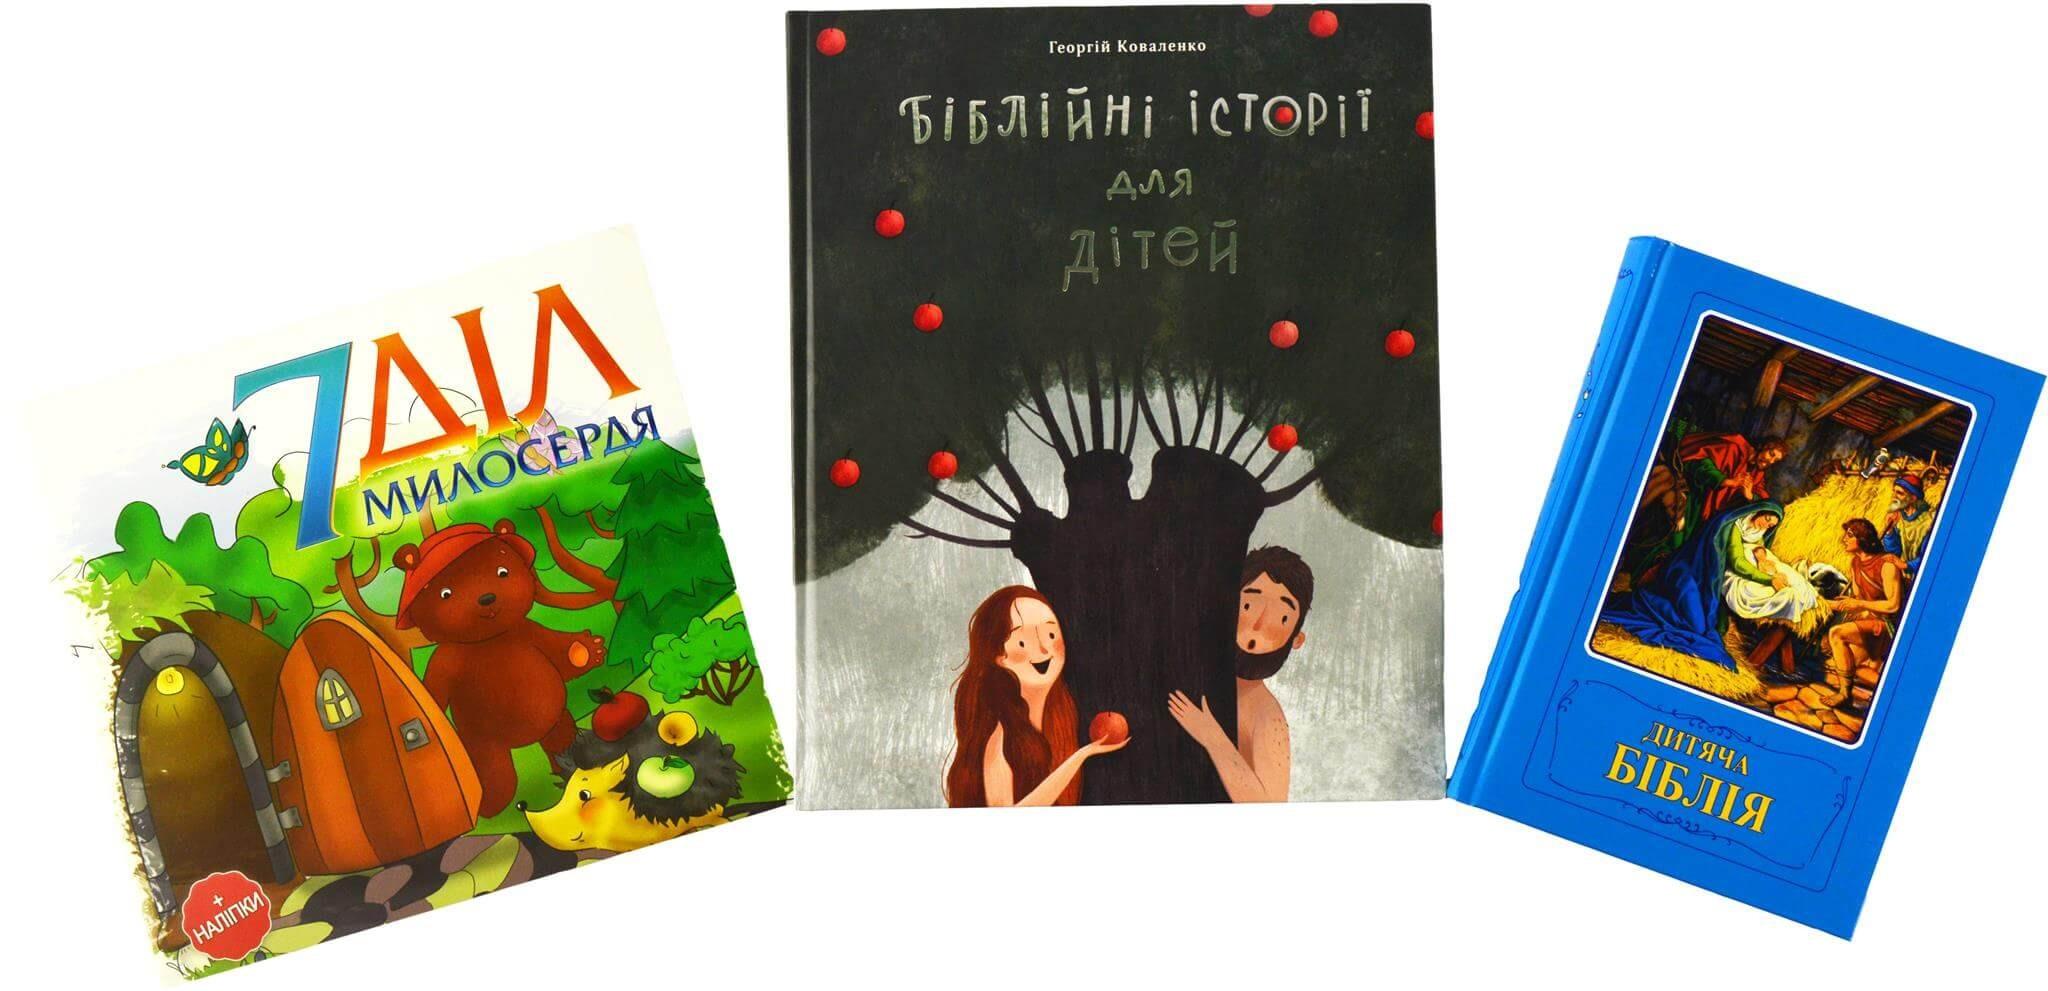 Книги: Мировая литература для детей